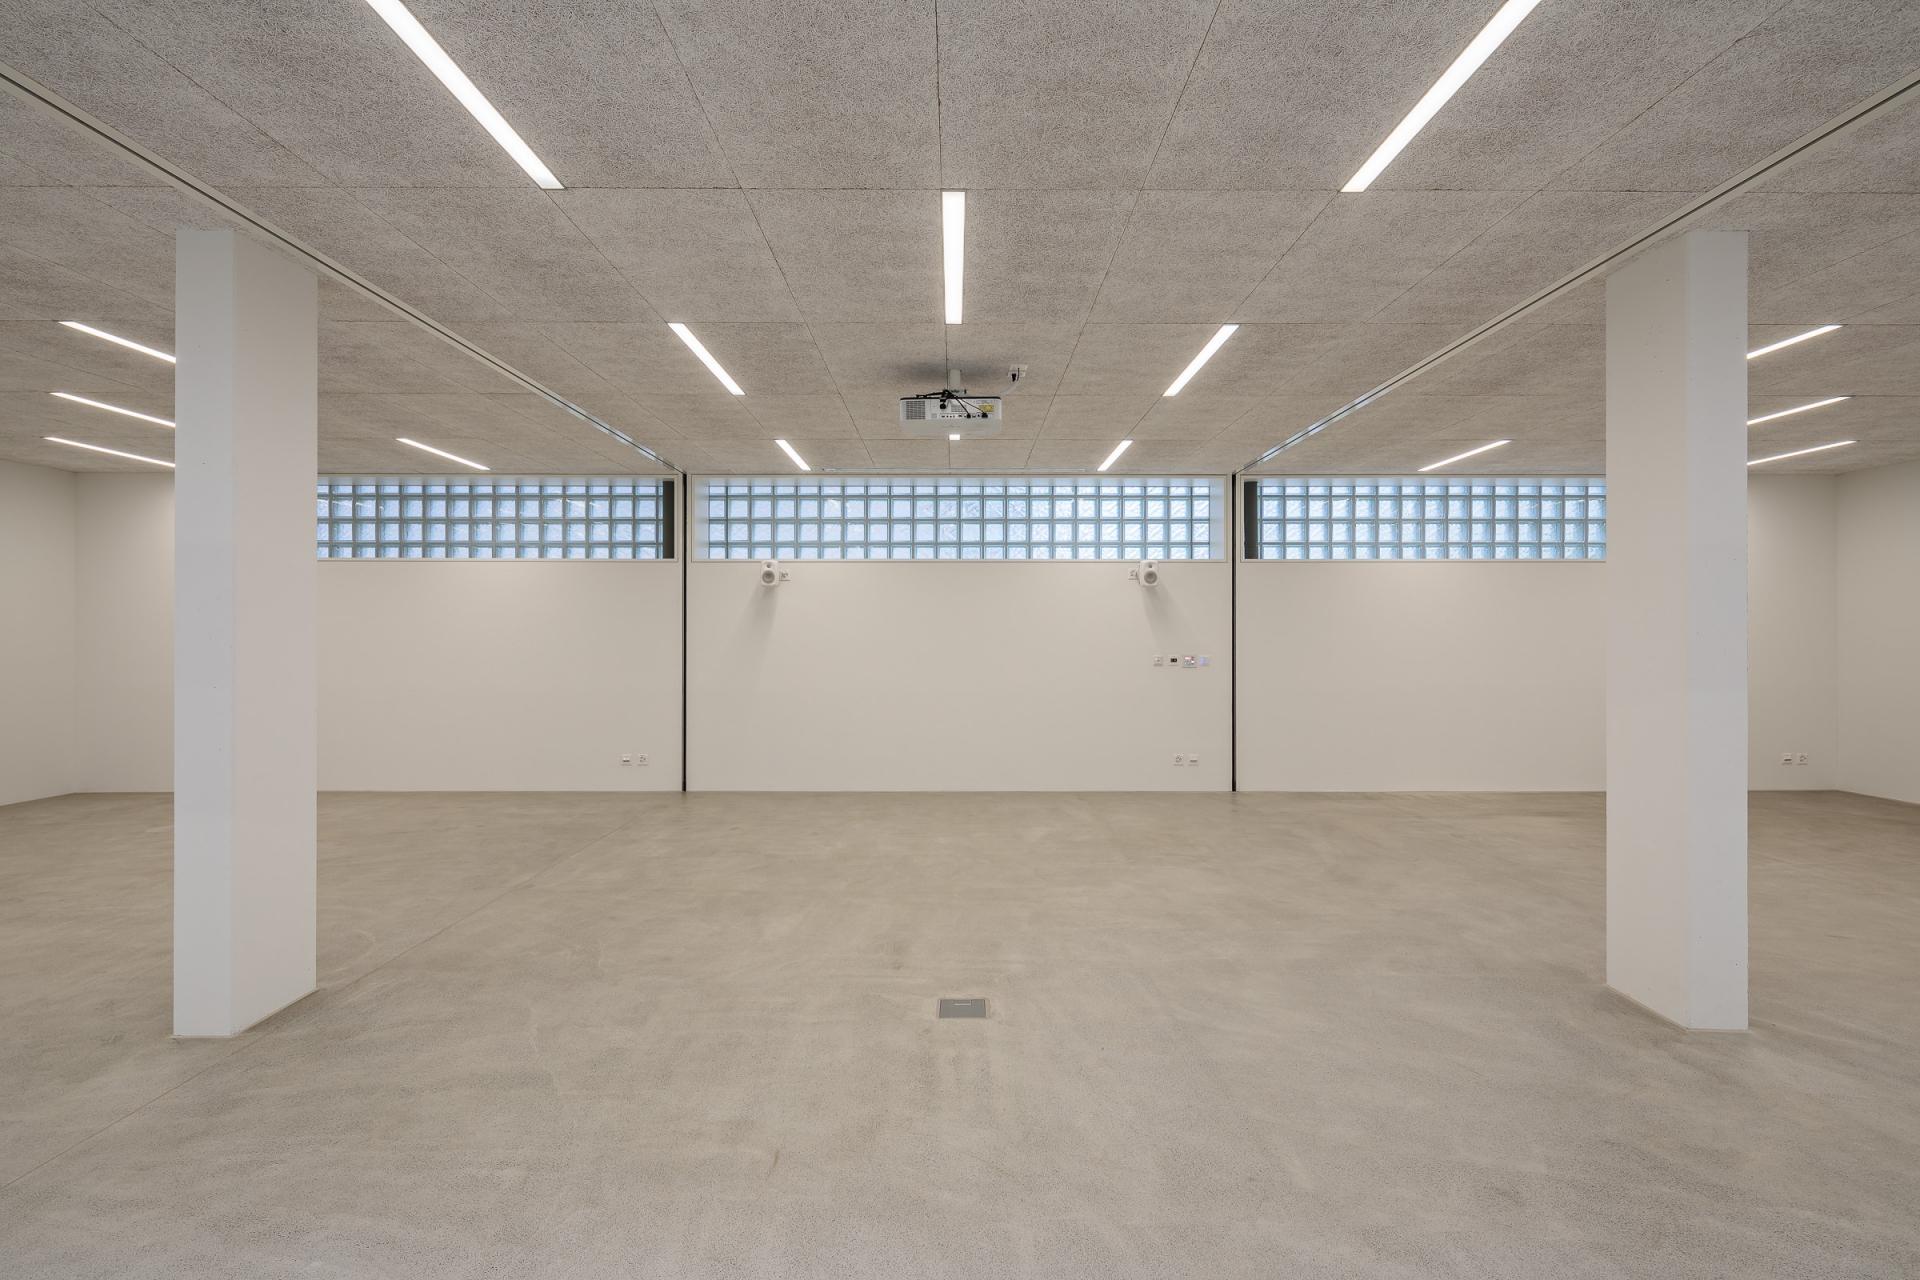 buan-architekten-umbau bueroraeume unterlachenstrasse ig arbeit-luzern-grossraum-3